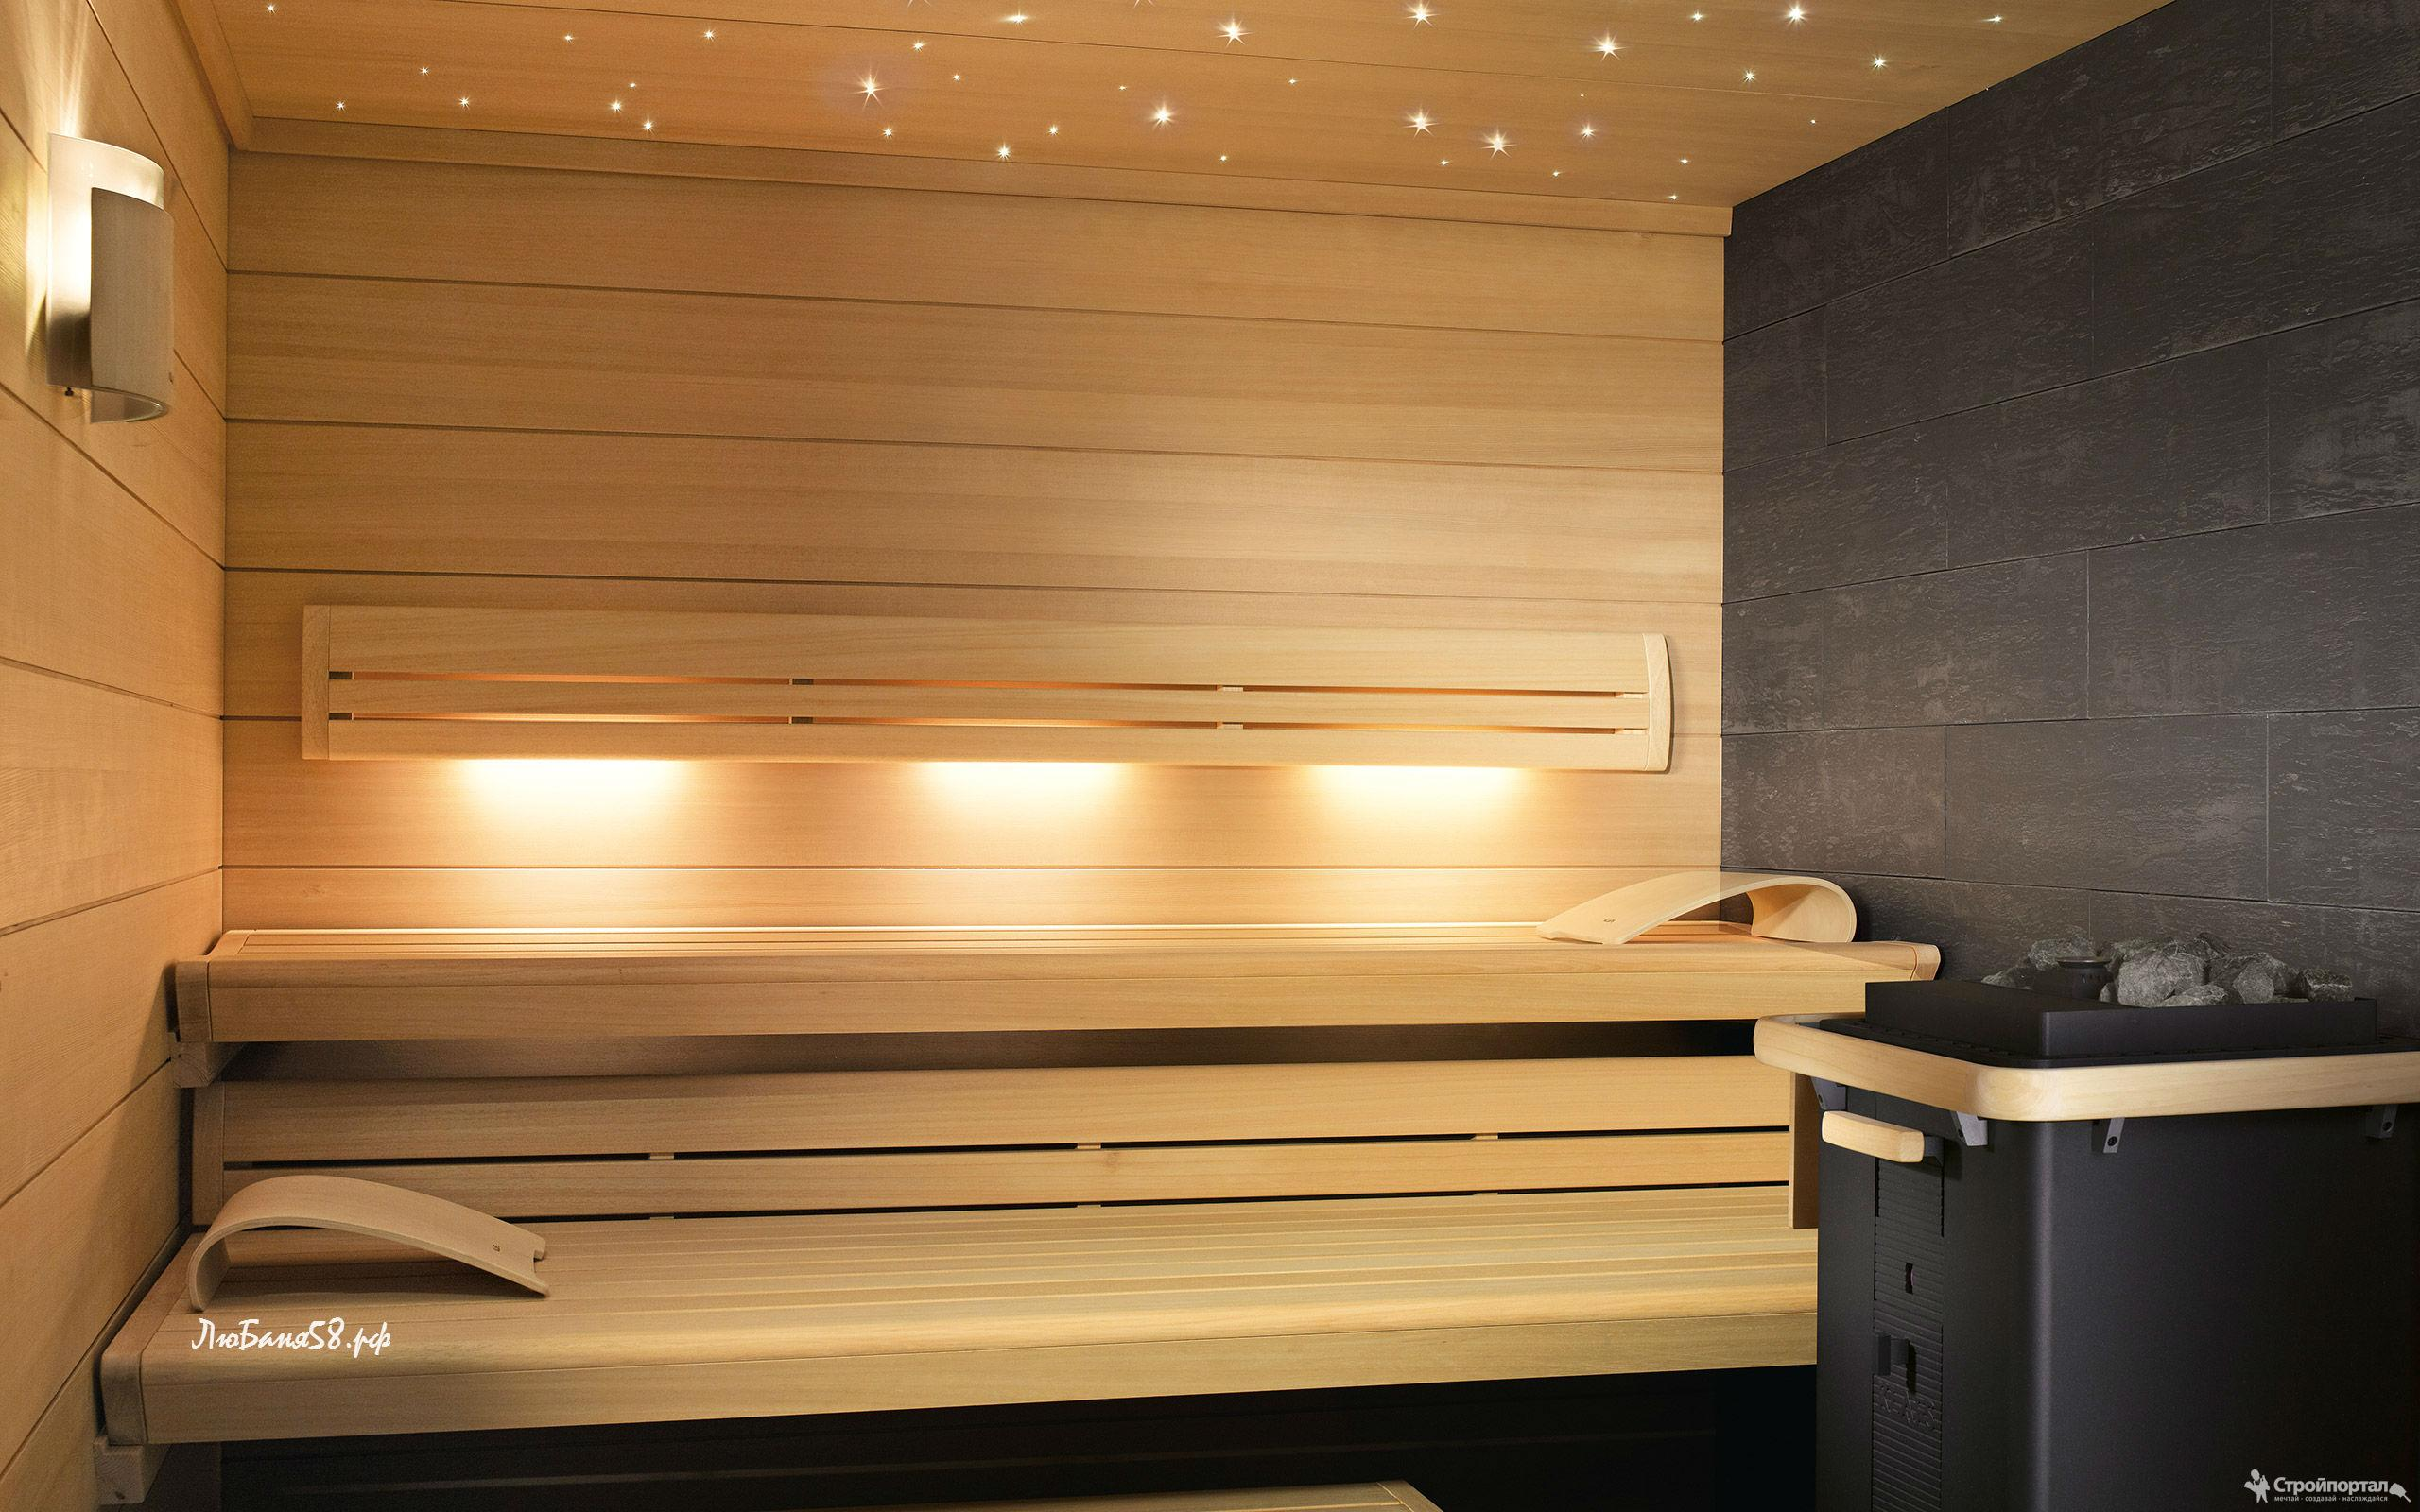 Как самостоятельно установить оптоволоконное освещение для бани, видео как самостоятельно установить оптоволоконное освещение для бани, видео